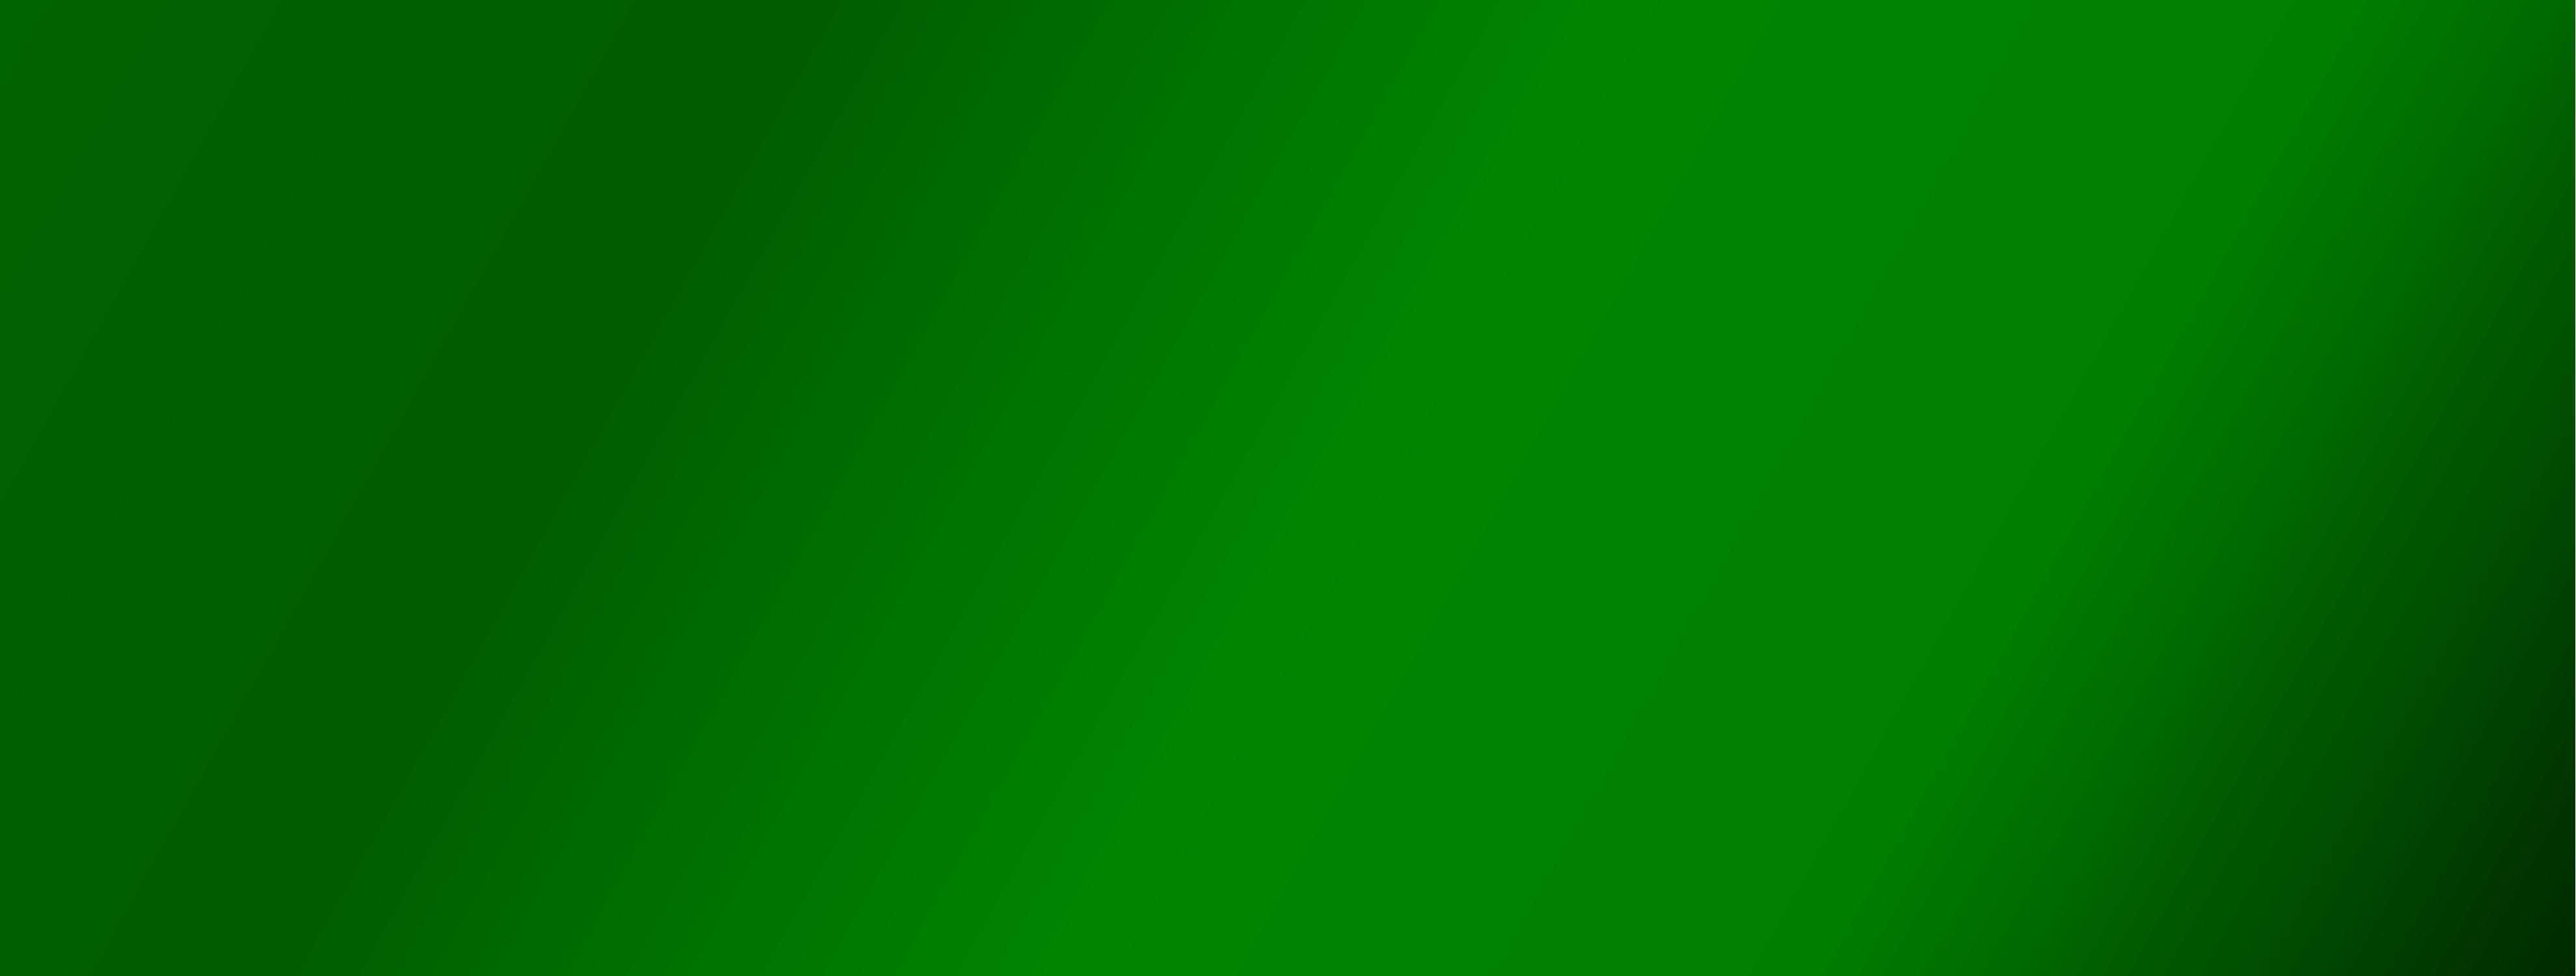 Green-Diag-Banner